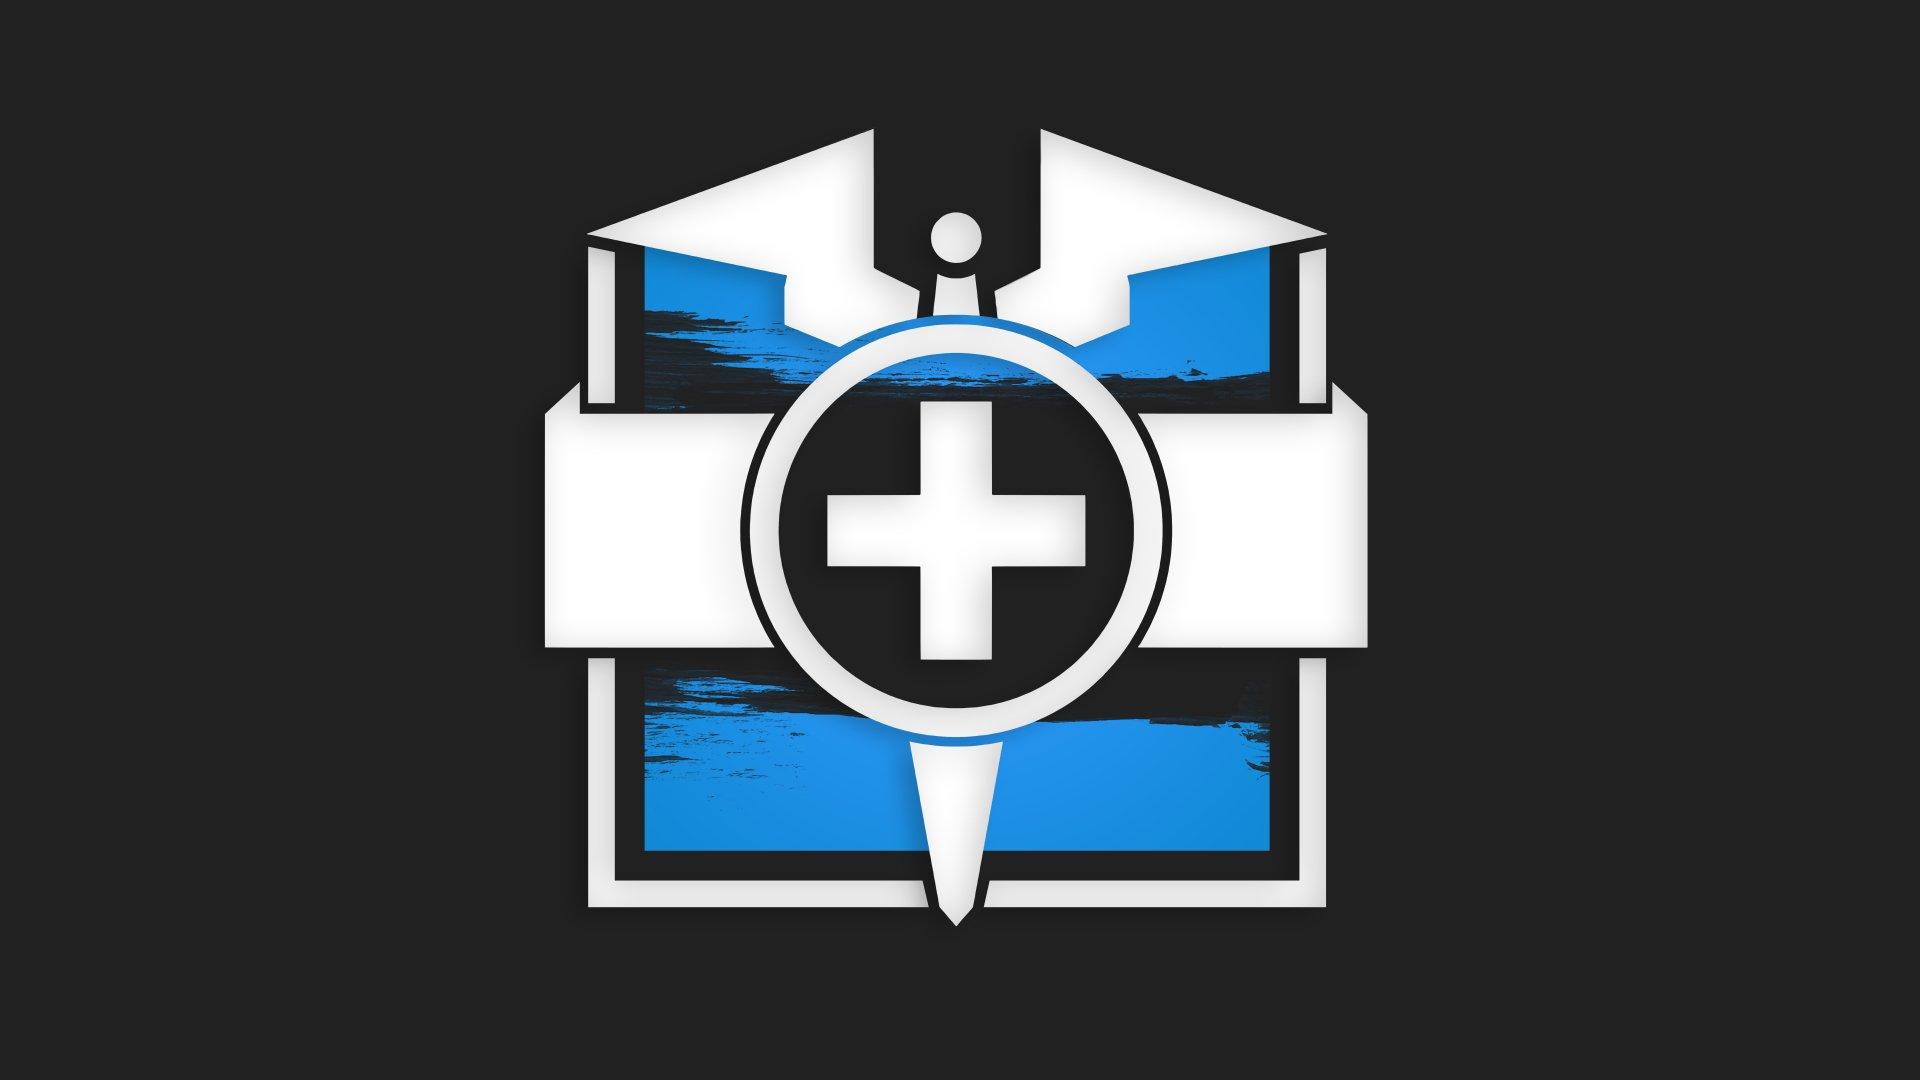 Doc Hd